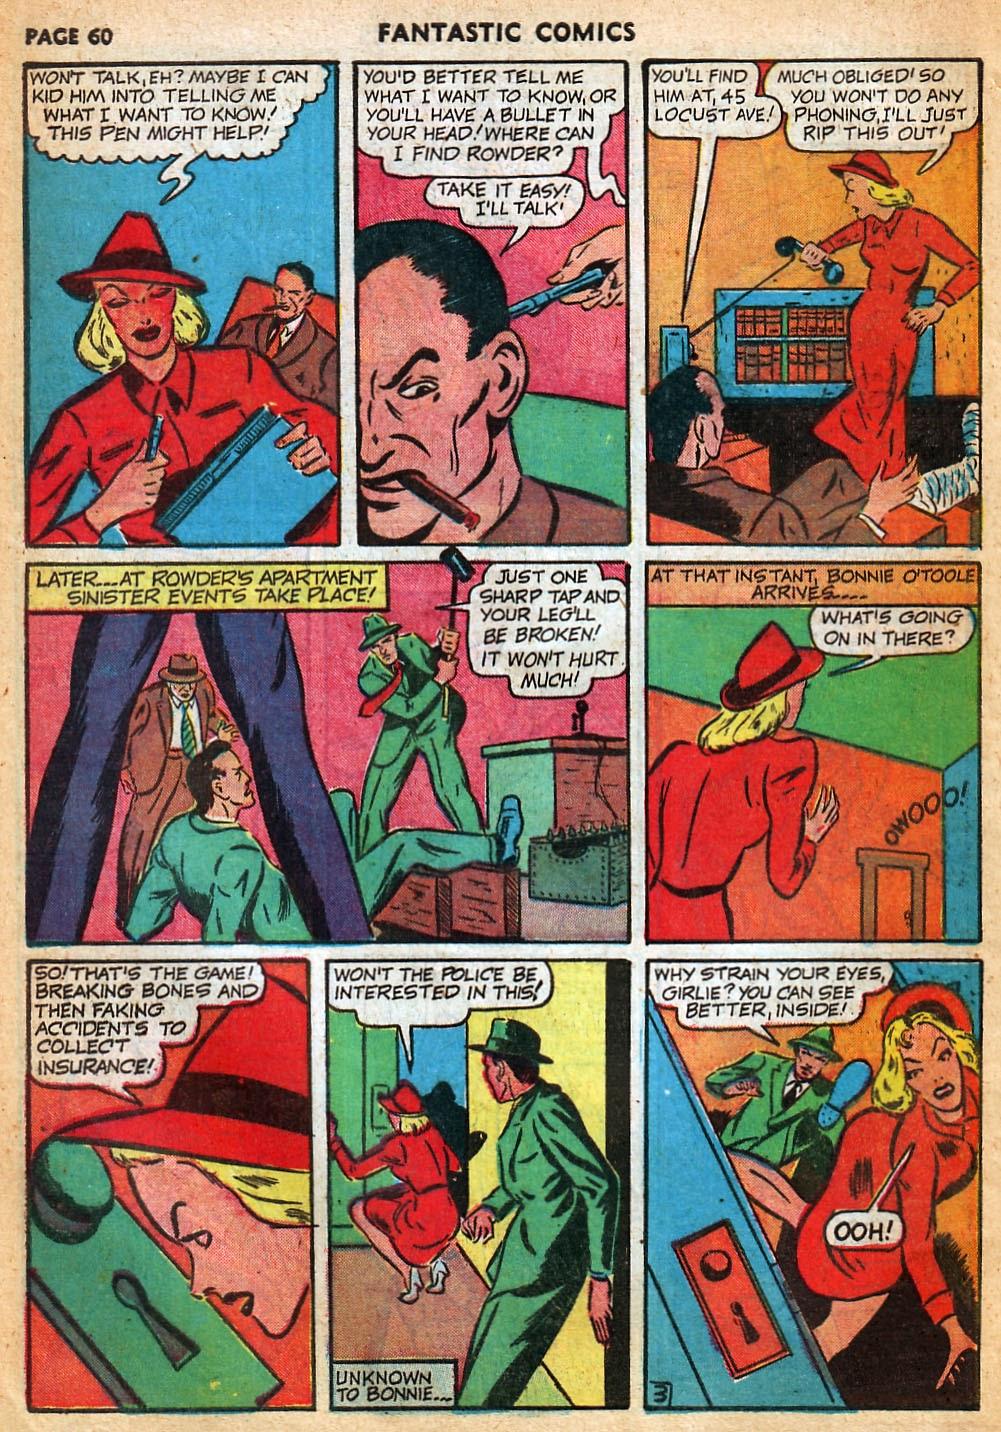 Read online Fantastic Comics comic -  Issue #22 - 61